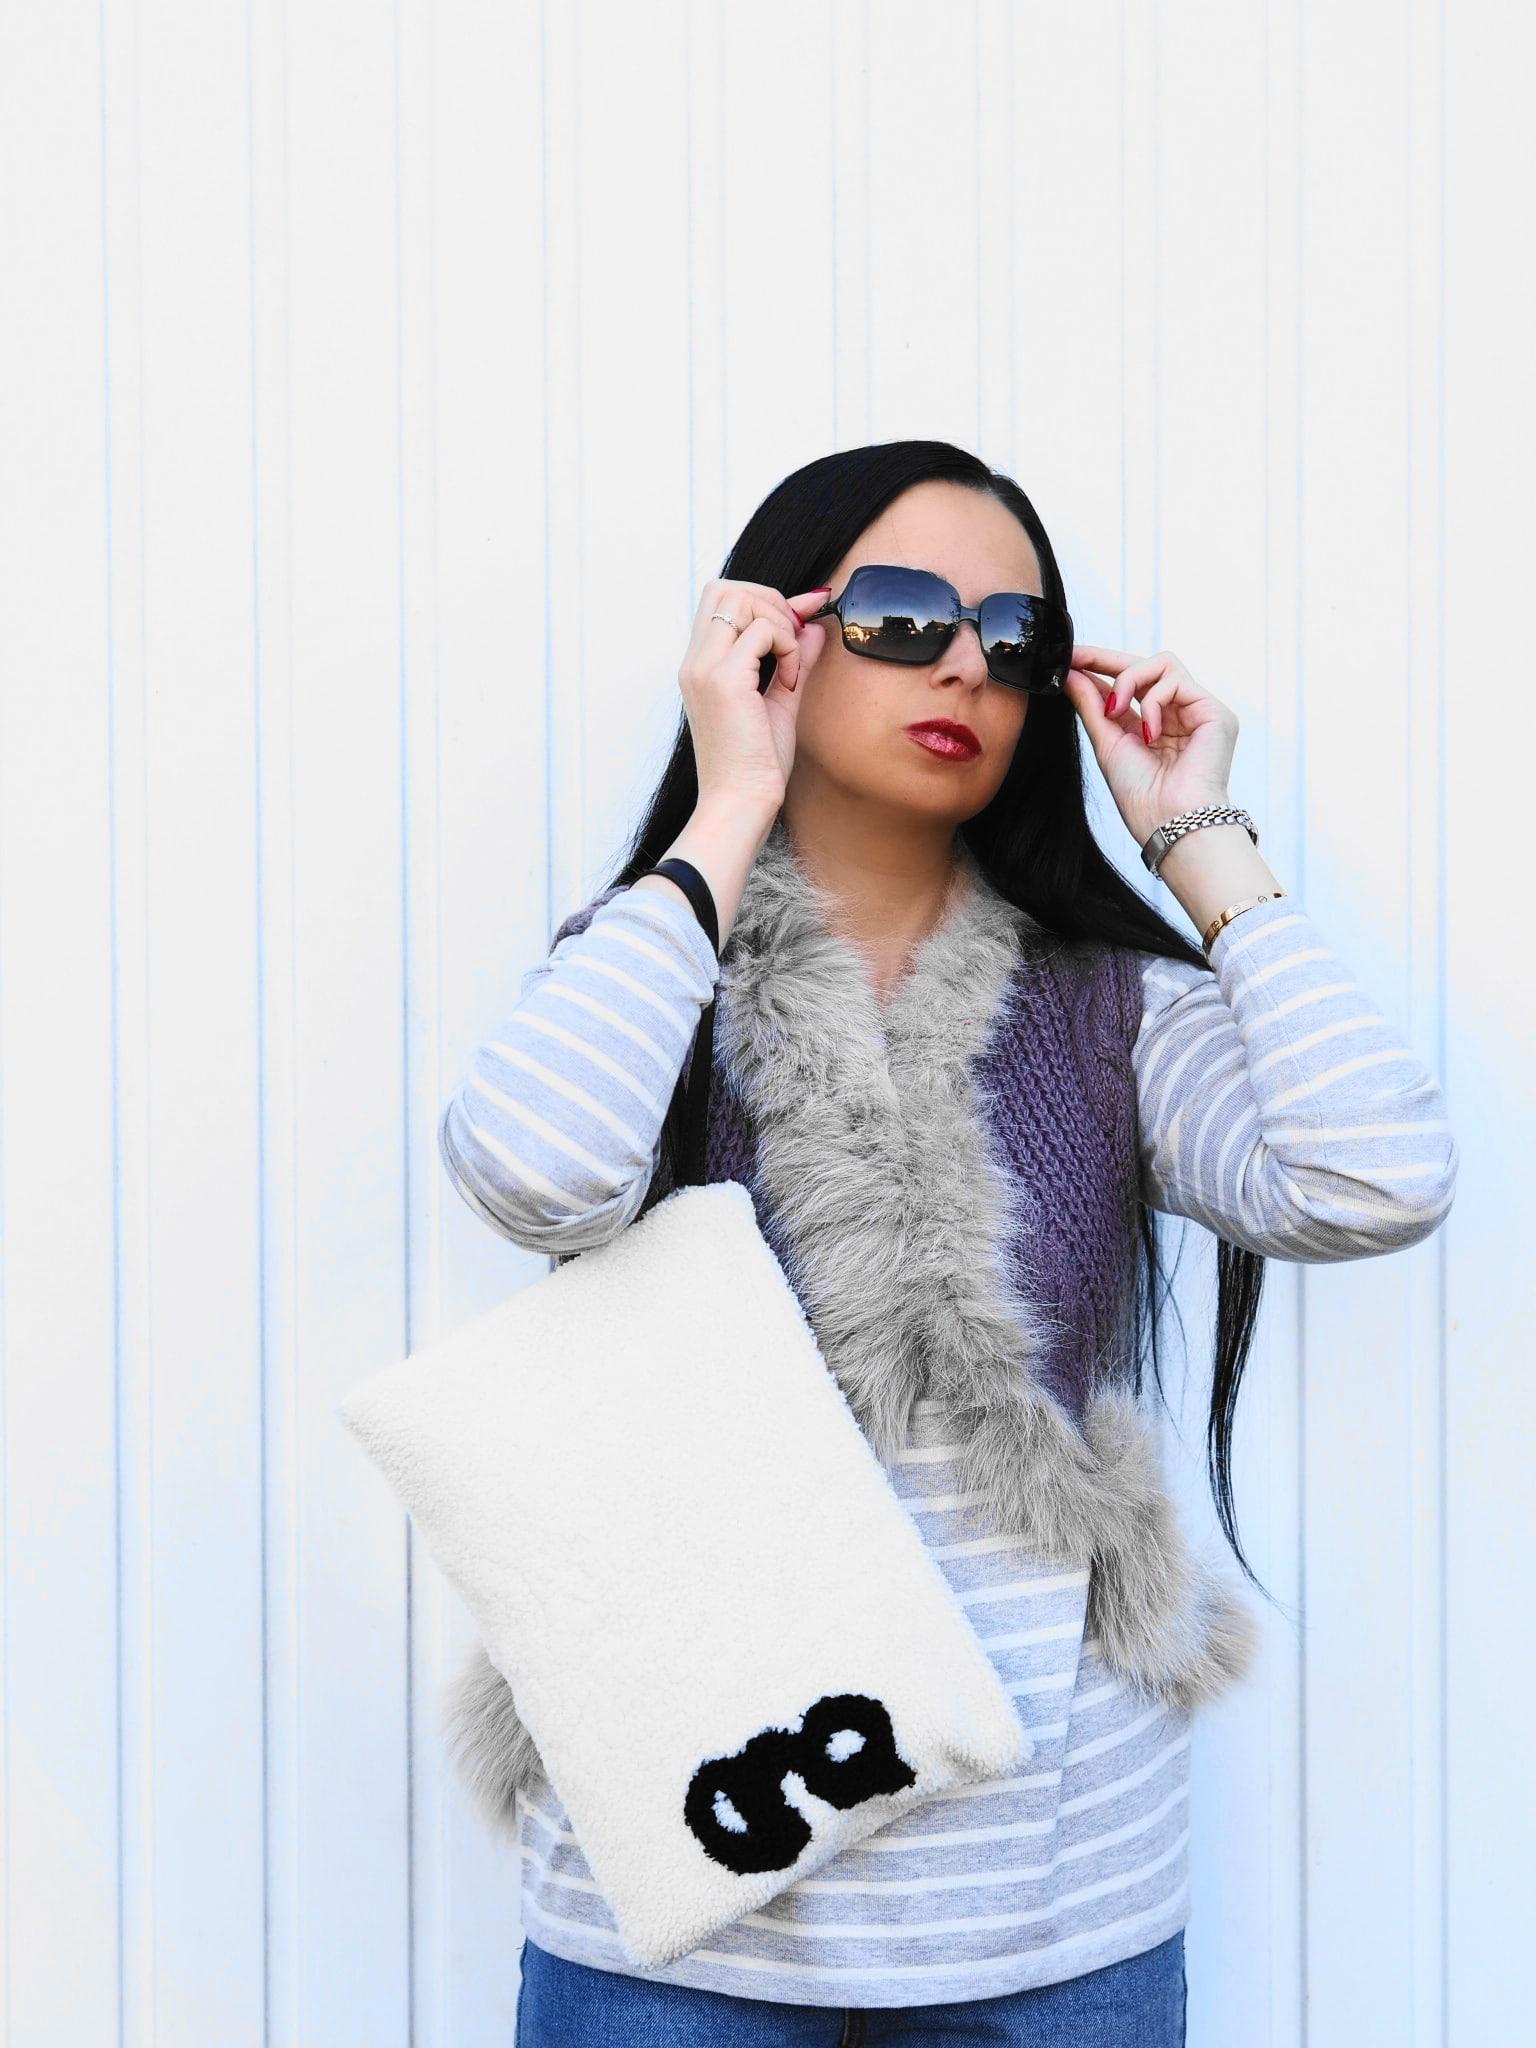 The Mercer NY macht tolle Mode aus hochwertigen Materialien wie bspw. Kaschmir und Seide. Heute zeige ich einen Herbstlook mit Pulli und glam-o-meter Clutch